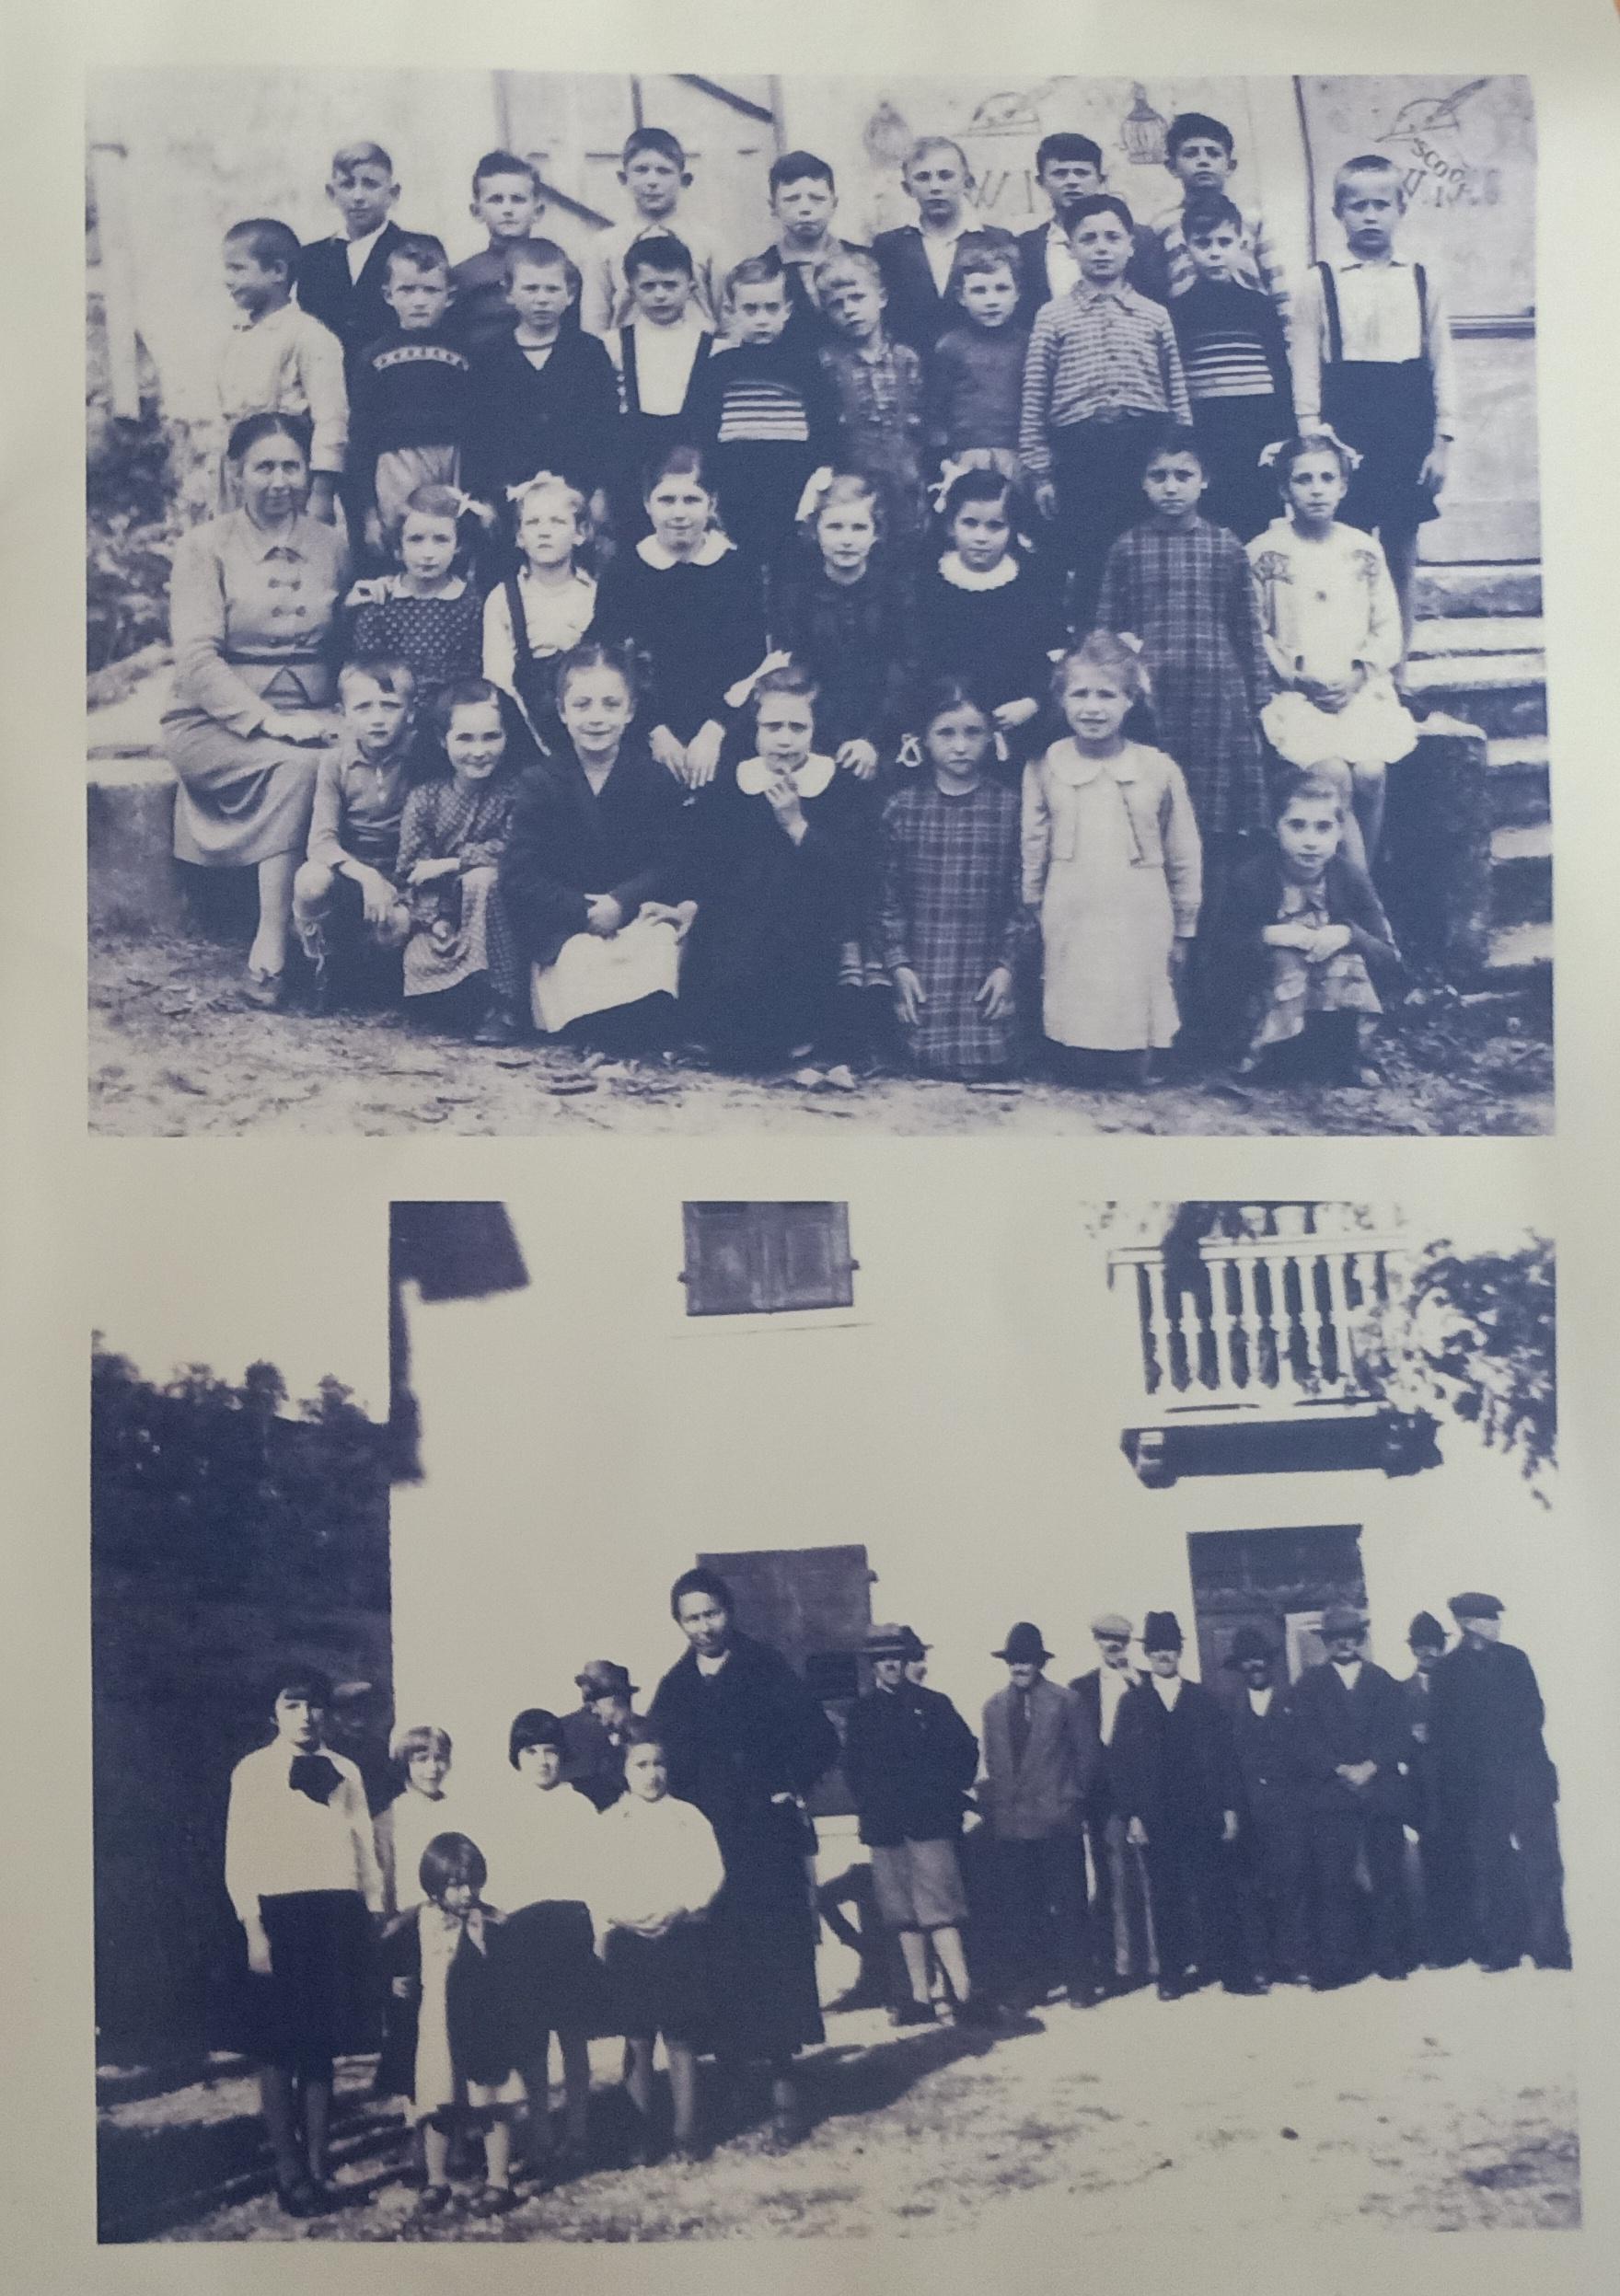 Scuola: Presidenza Cr, a Montenars esaltati i valori di comunità